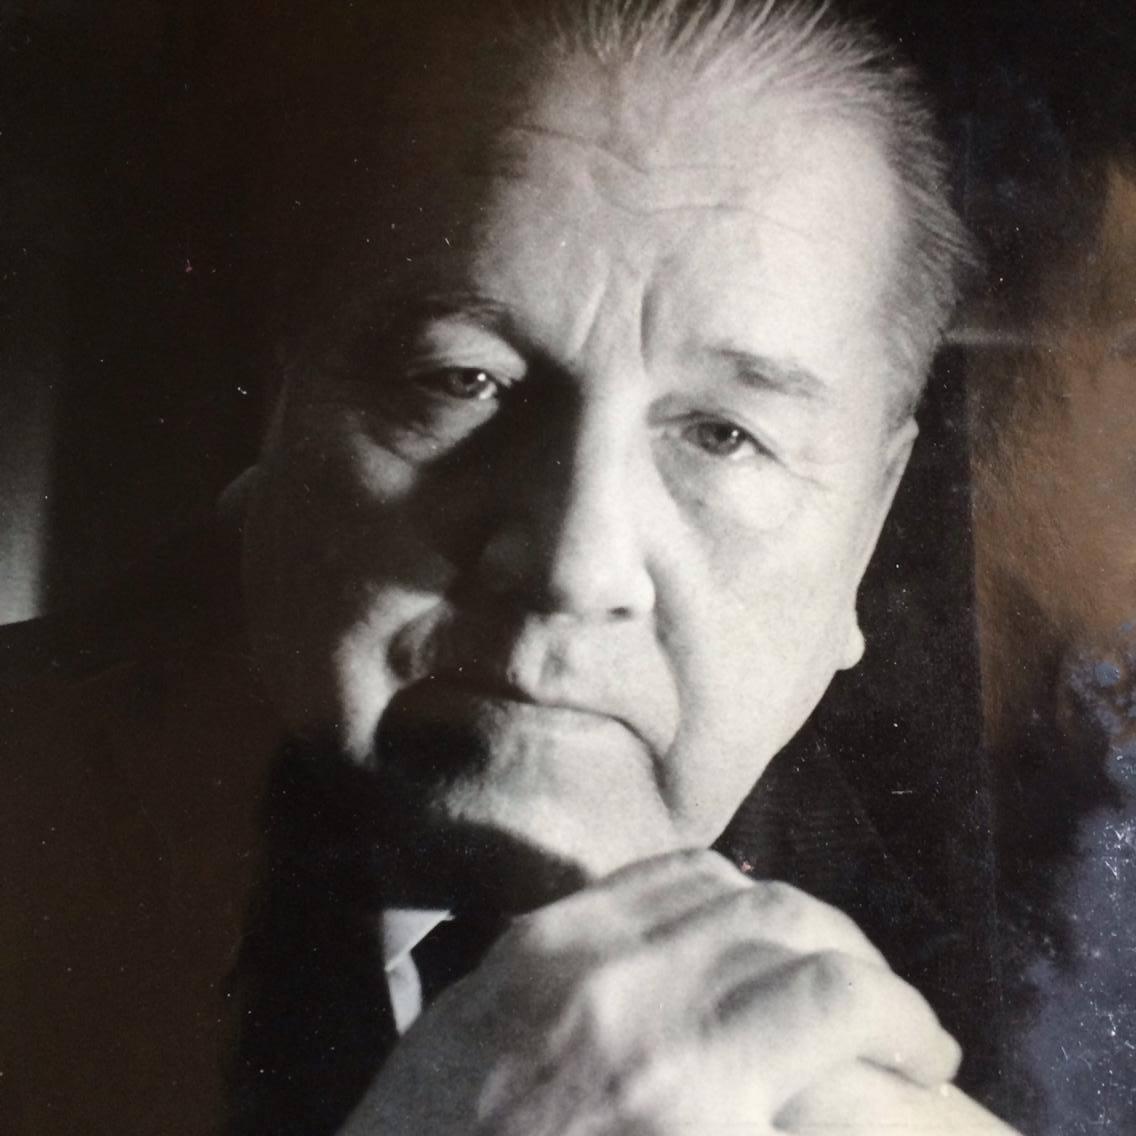 Viktor Afanasiev (1917-1987), Artiste du Peuple de la République ukrainienne, metteur en s<em>c</em>ène, a<em>c</em>teur, dire<em>c</em>teur artistique et dire<em>c</em>teur général du Théâtre de Marionnettes d'État de Kharkiv, édu<em>c</em>ateur, organisateur et président du Département du Théâtre de Marionnettes à l'Institut d'Art de Kharkiv. Photo: O. Vyshkin